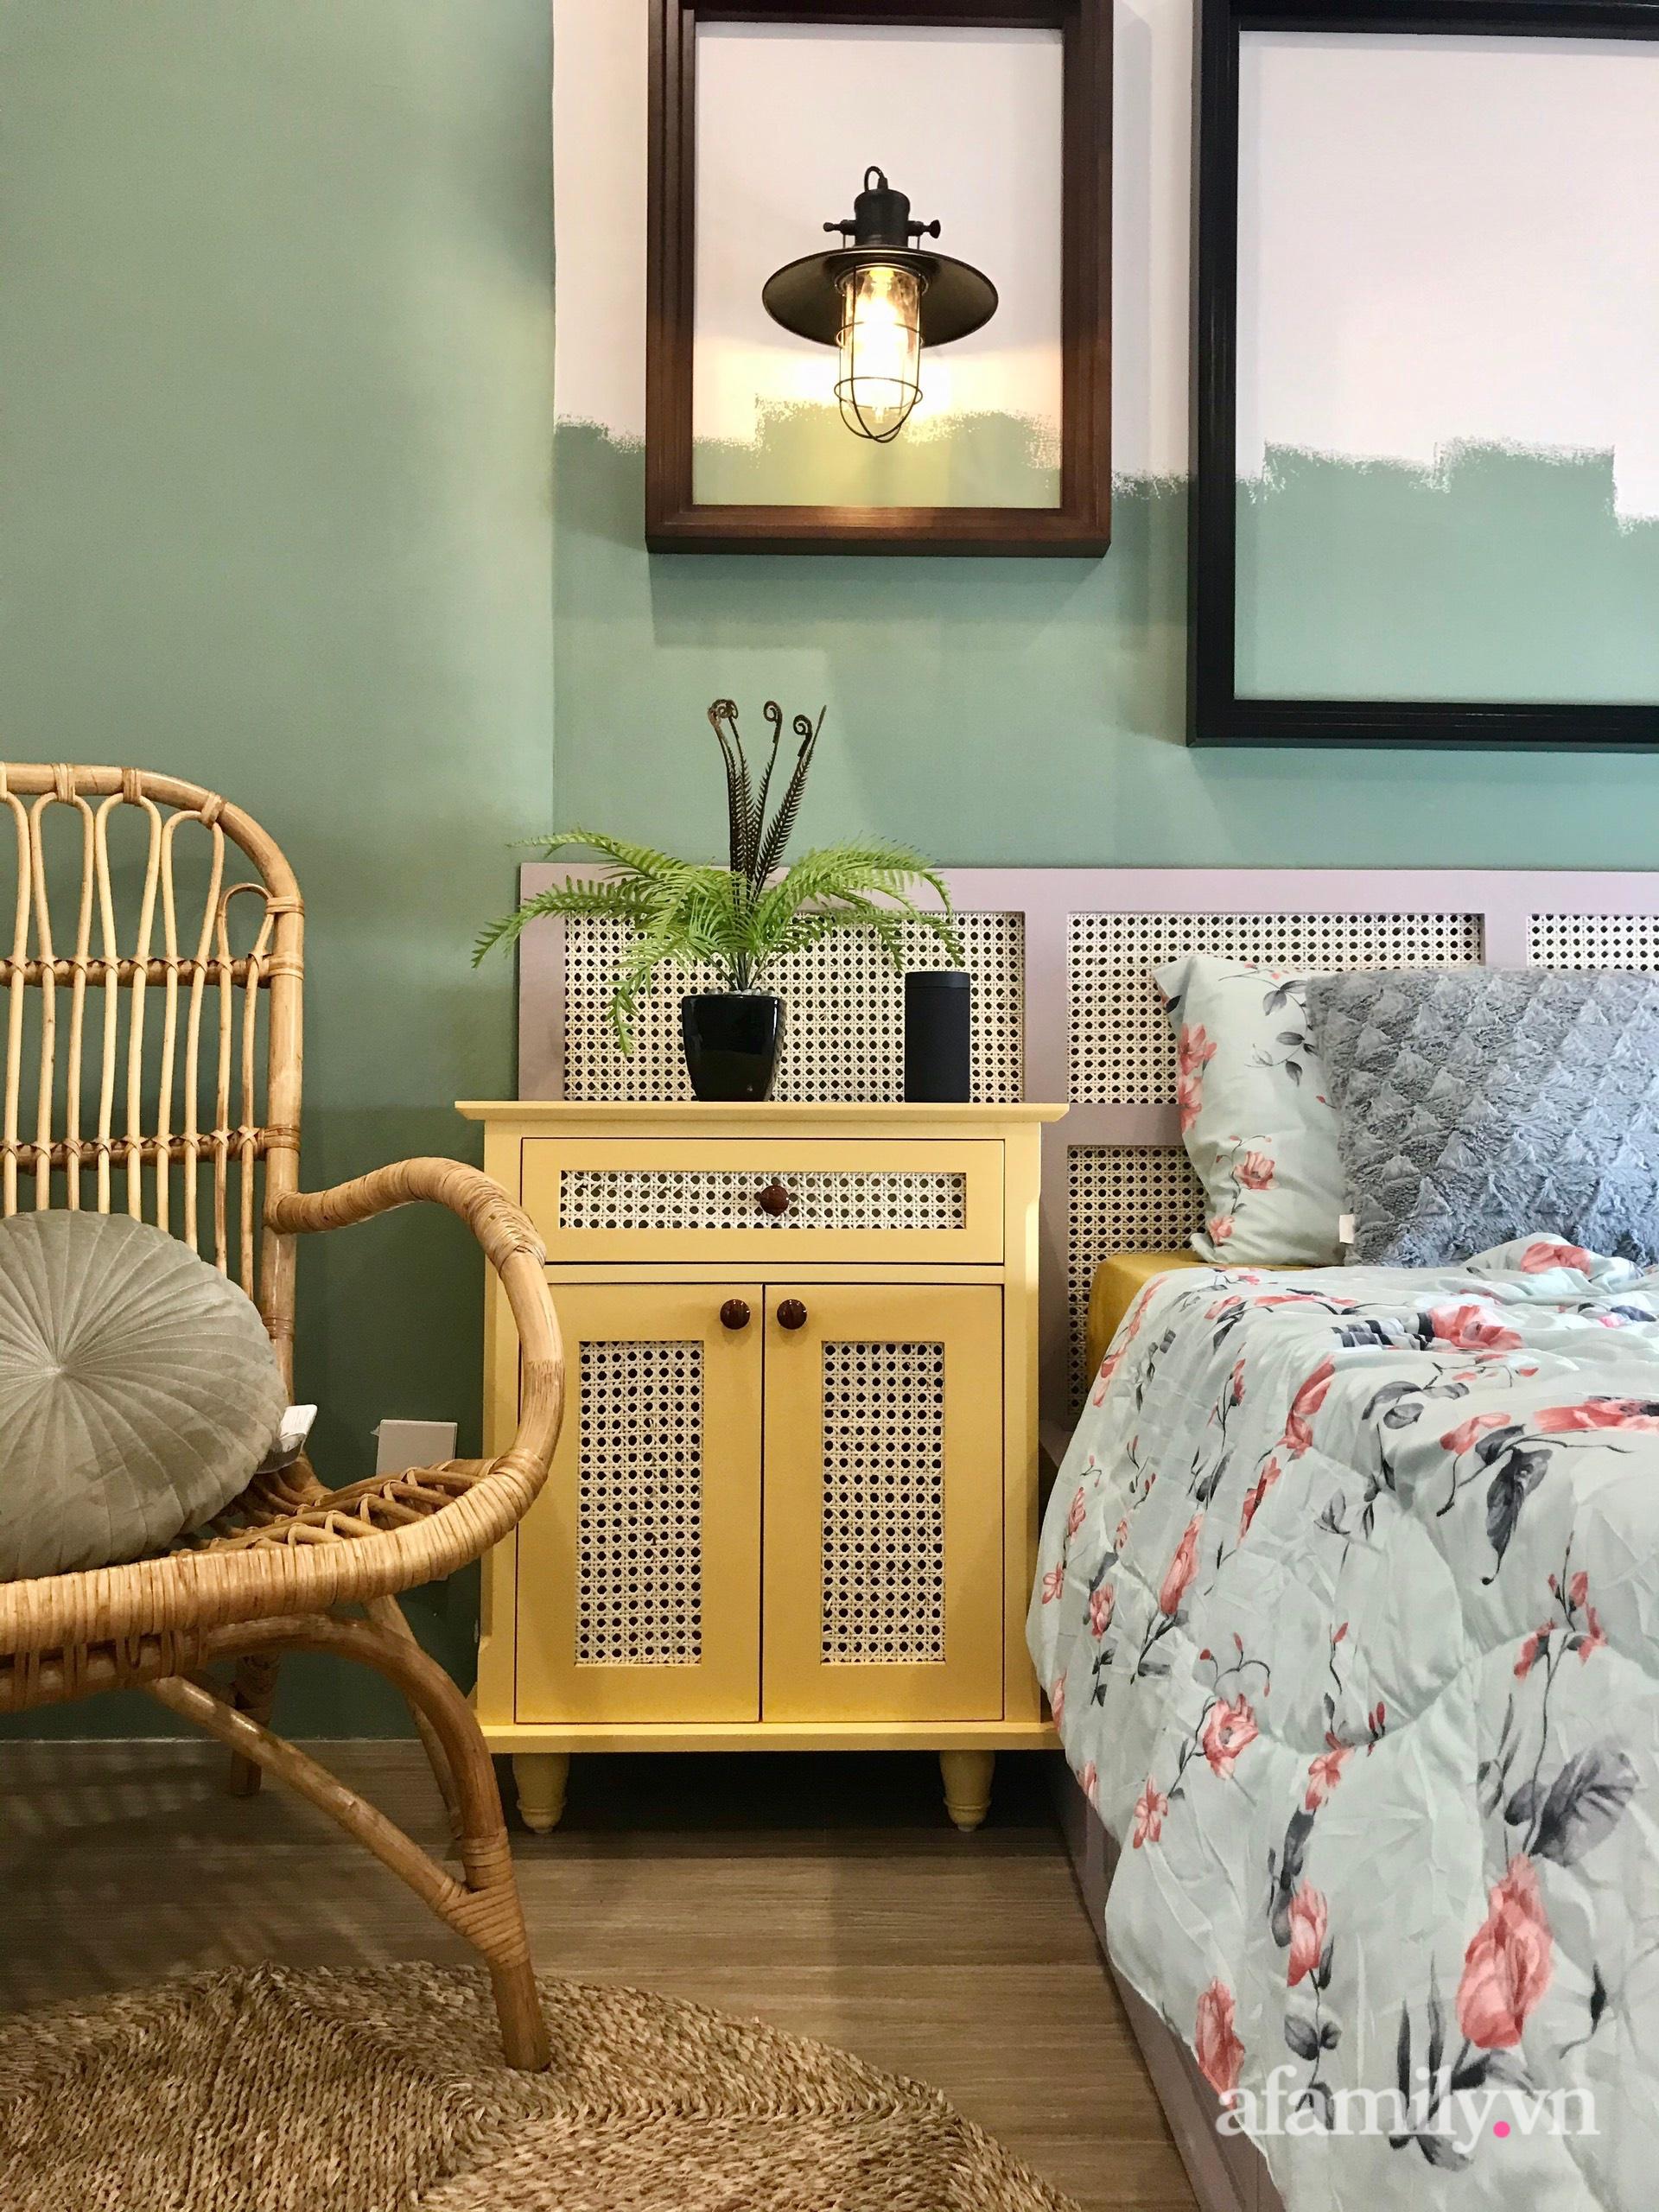 Căn hộ 3 phòng ngủ đẹp tinh tế với phong cách Indochine ở Vinhomes Ocean Park, Hà Nội - Ảnh 11.